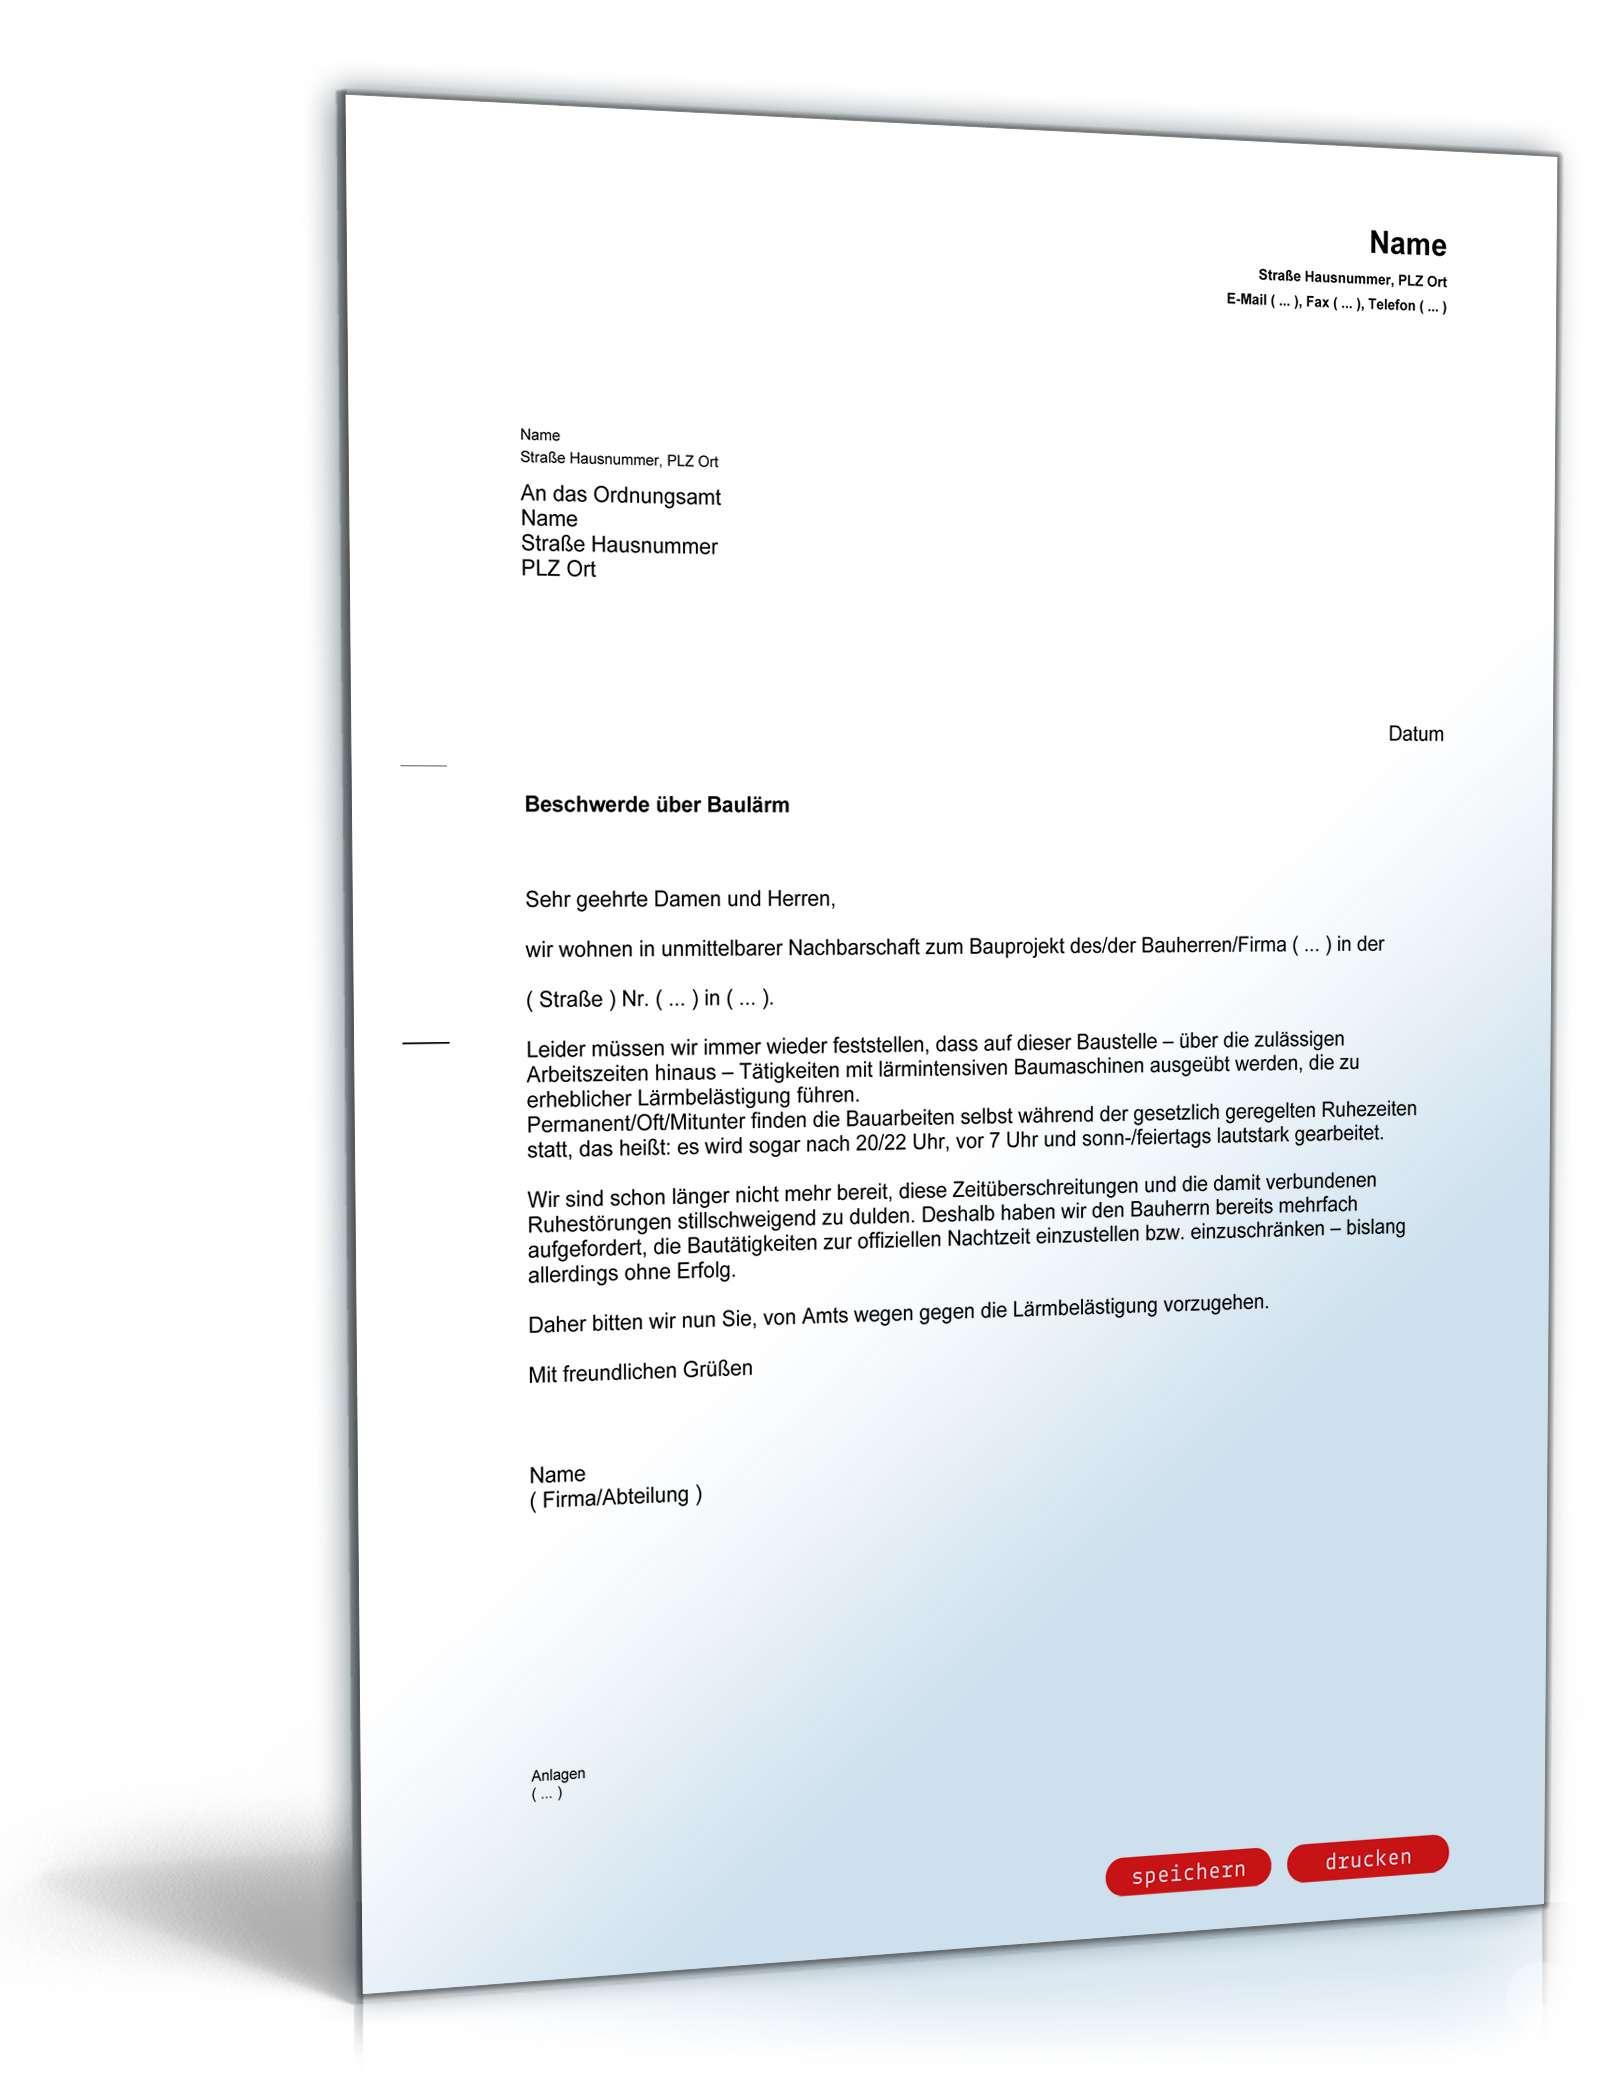 Beschwerde über Baulärm Beim Ordnungsamt Muster Vorlage Zum Download